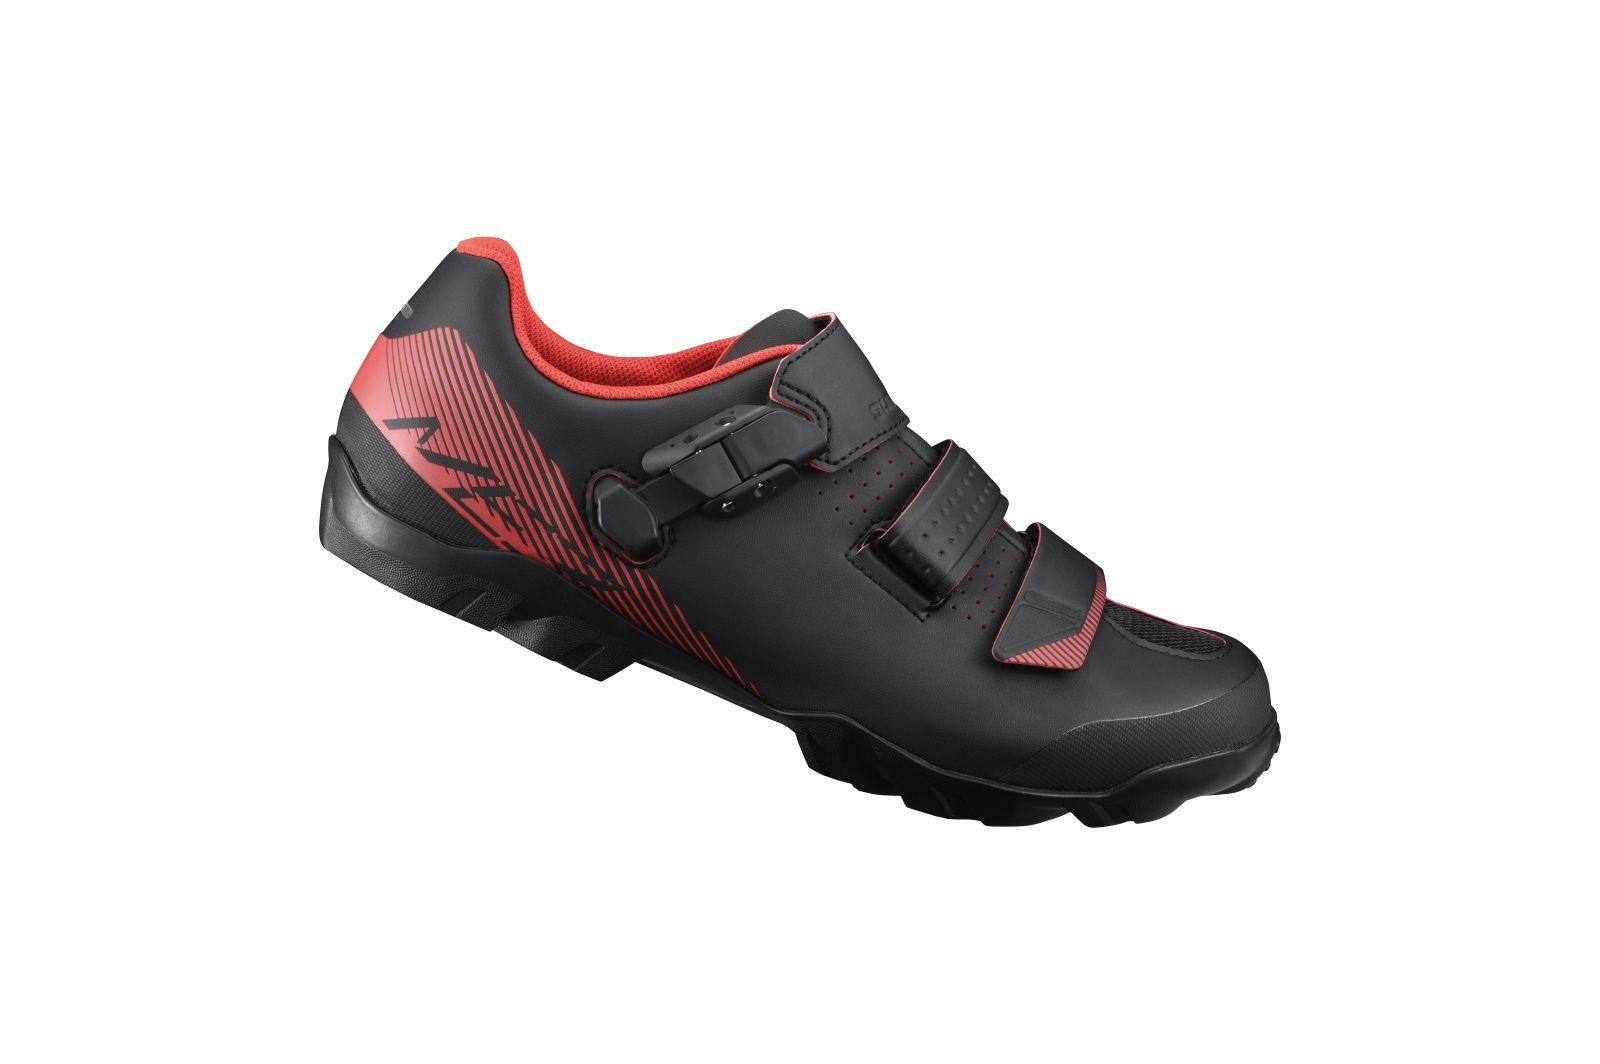 SHIMANO MTB obuv SH-ME300MO, černá oranžová, 50